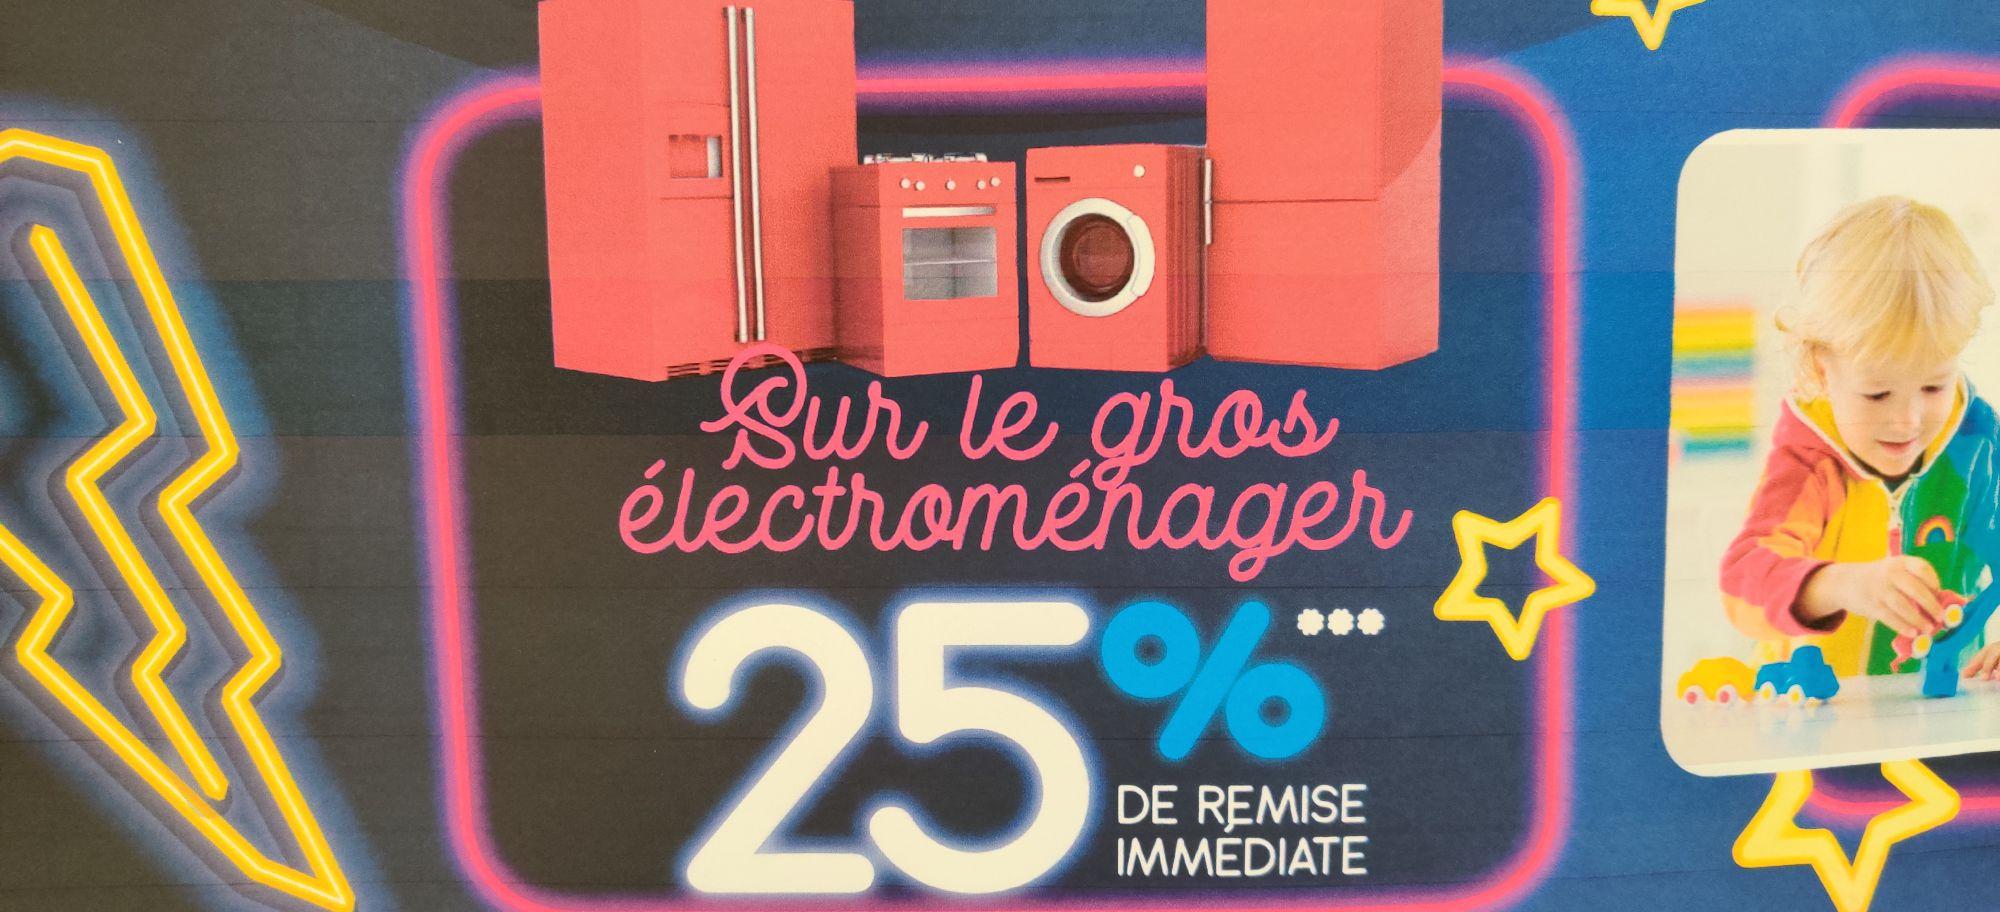 25% de remise immédiate sur tout le gros électroménager (hors promotions) - St-Avold (57)